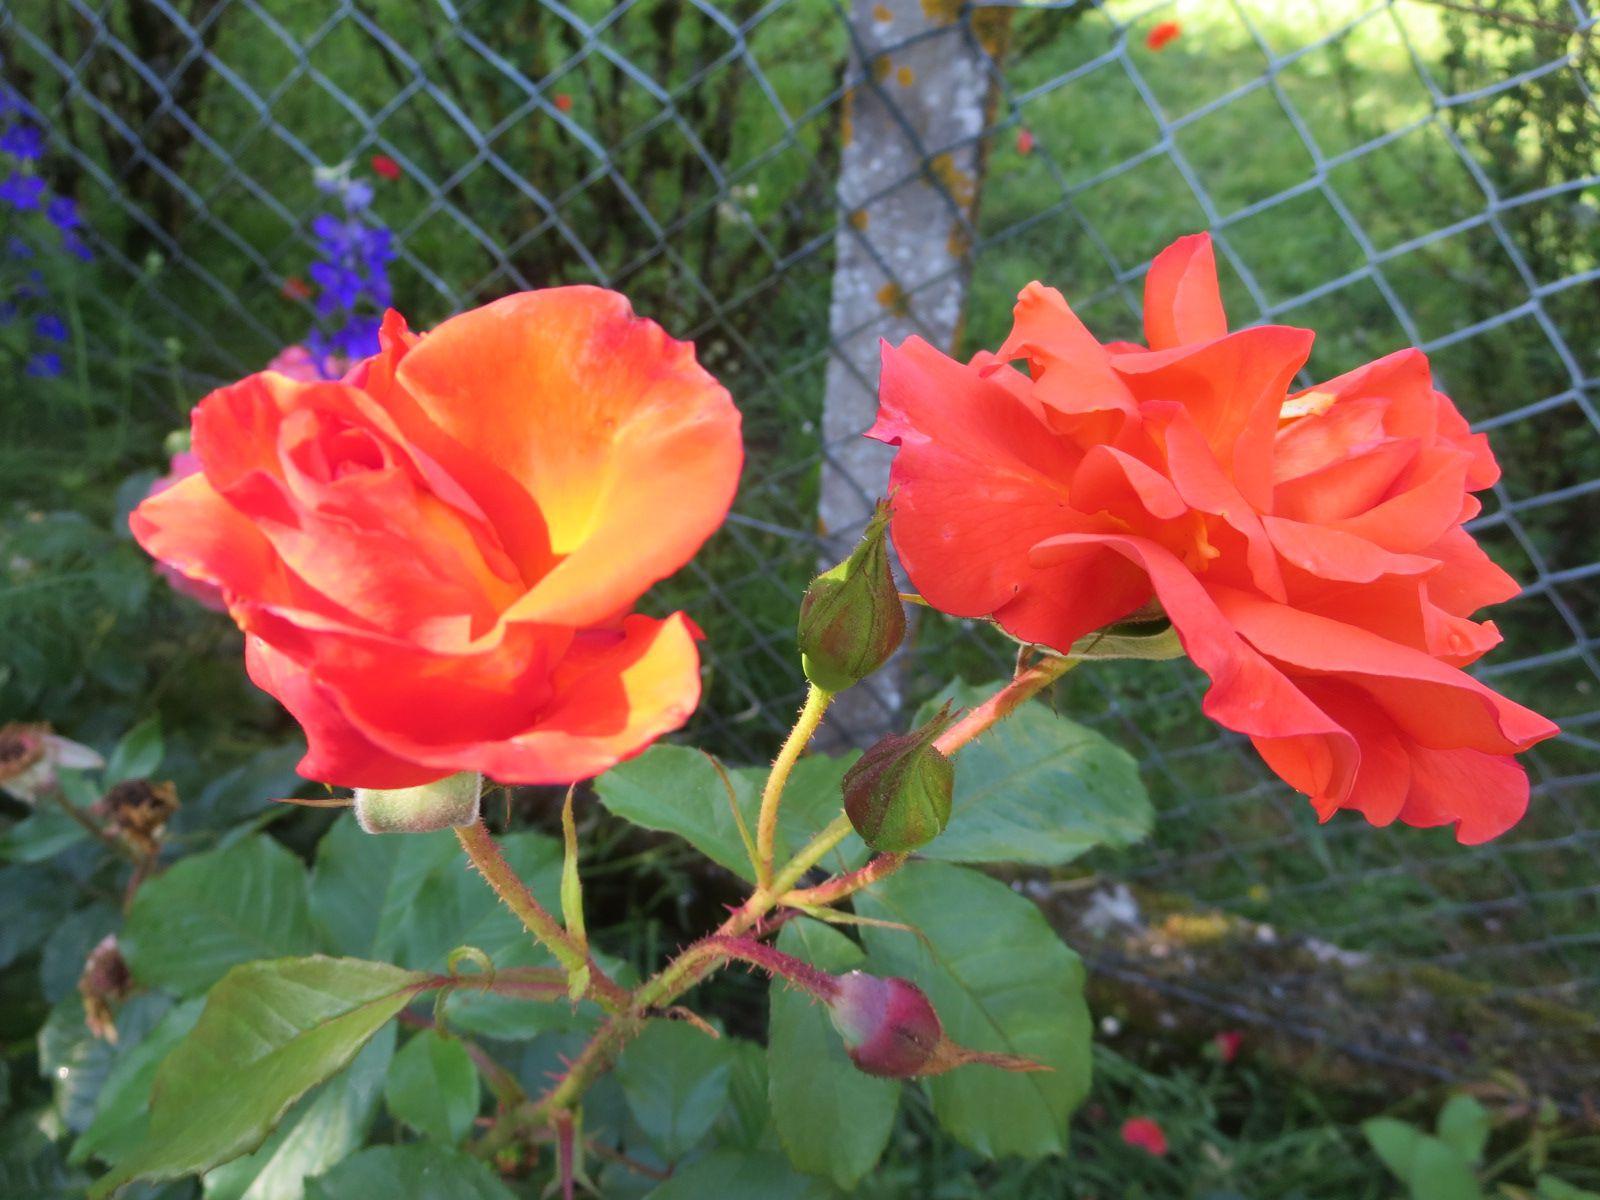 Quelques nouvelles roses, très lumineuses.